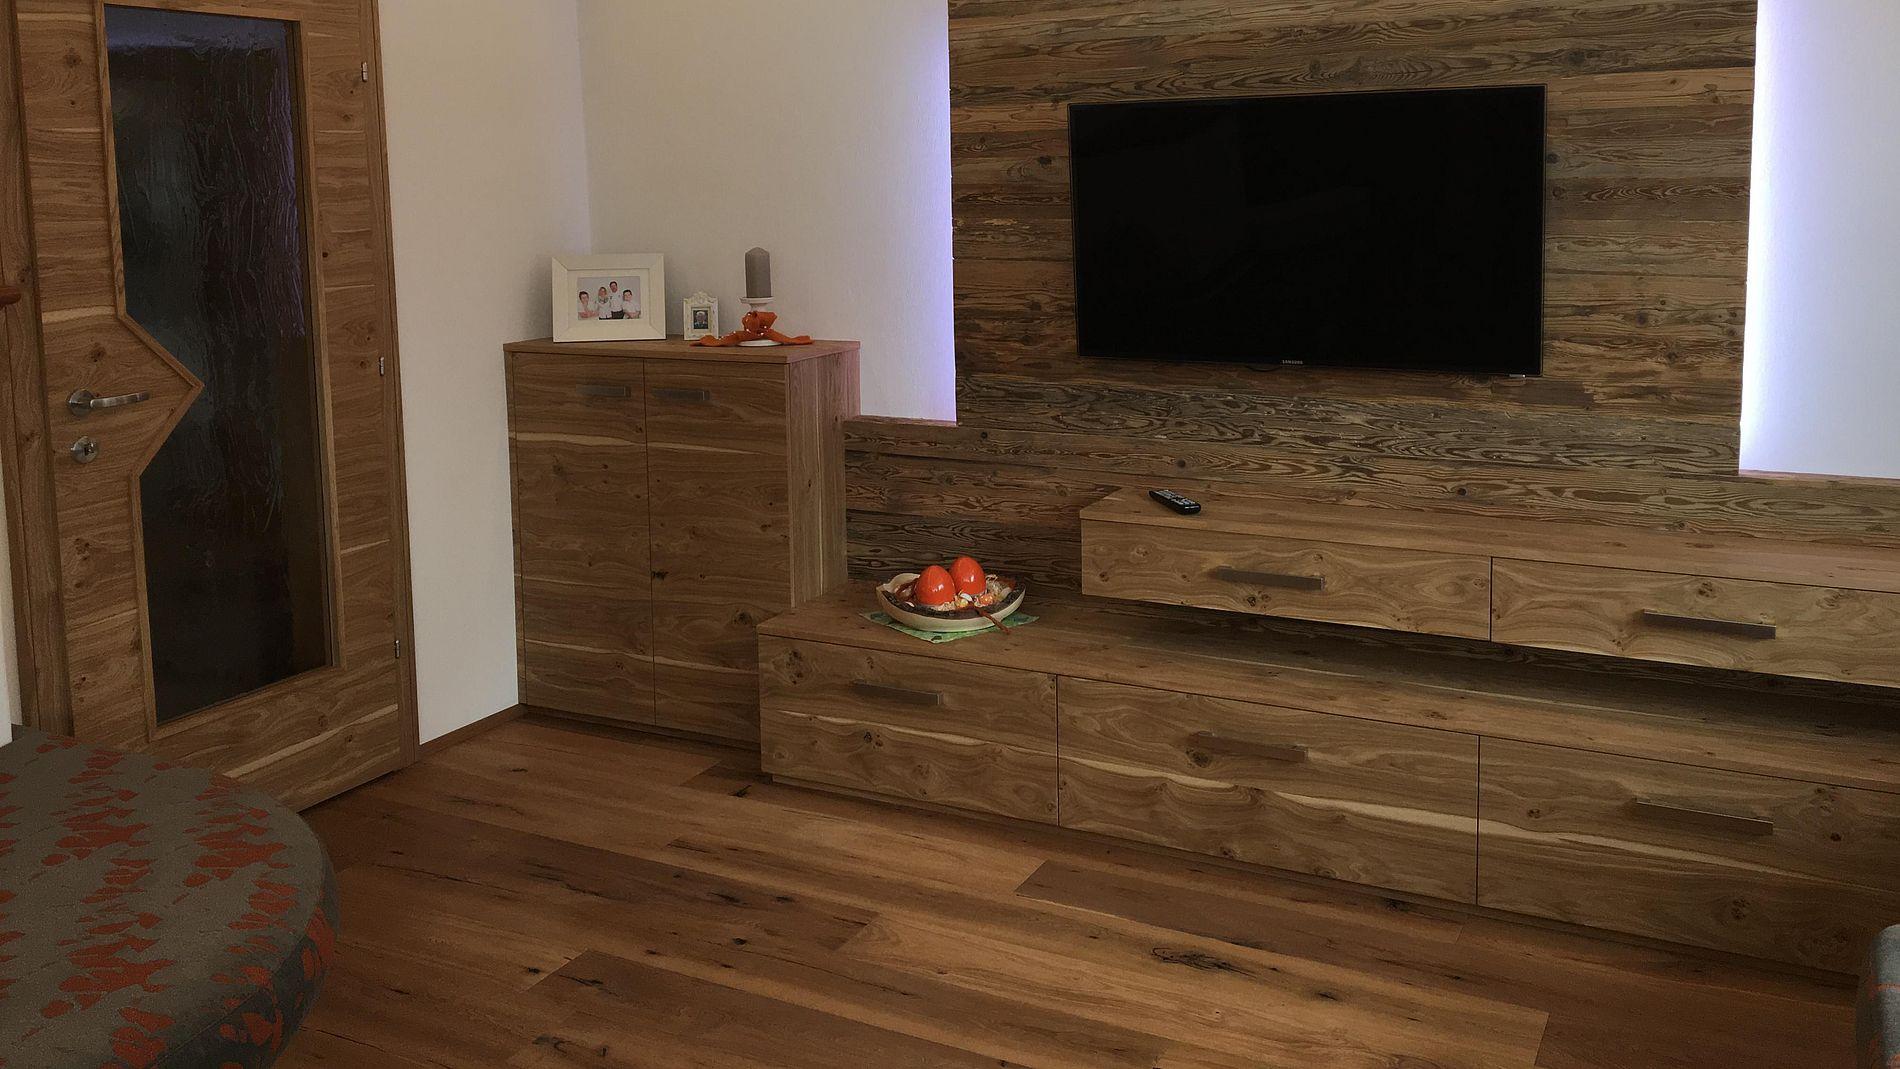 Selbstverständlich Fertigen Und Montieren Wir Alle Wohnzimmermöbel Nach  Anpassung An Öfen, Multimediageräte Und Natürlich Nach Ihren Wünschen Und  ...